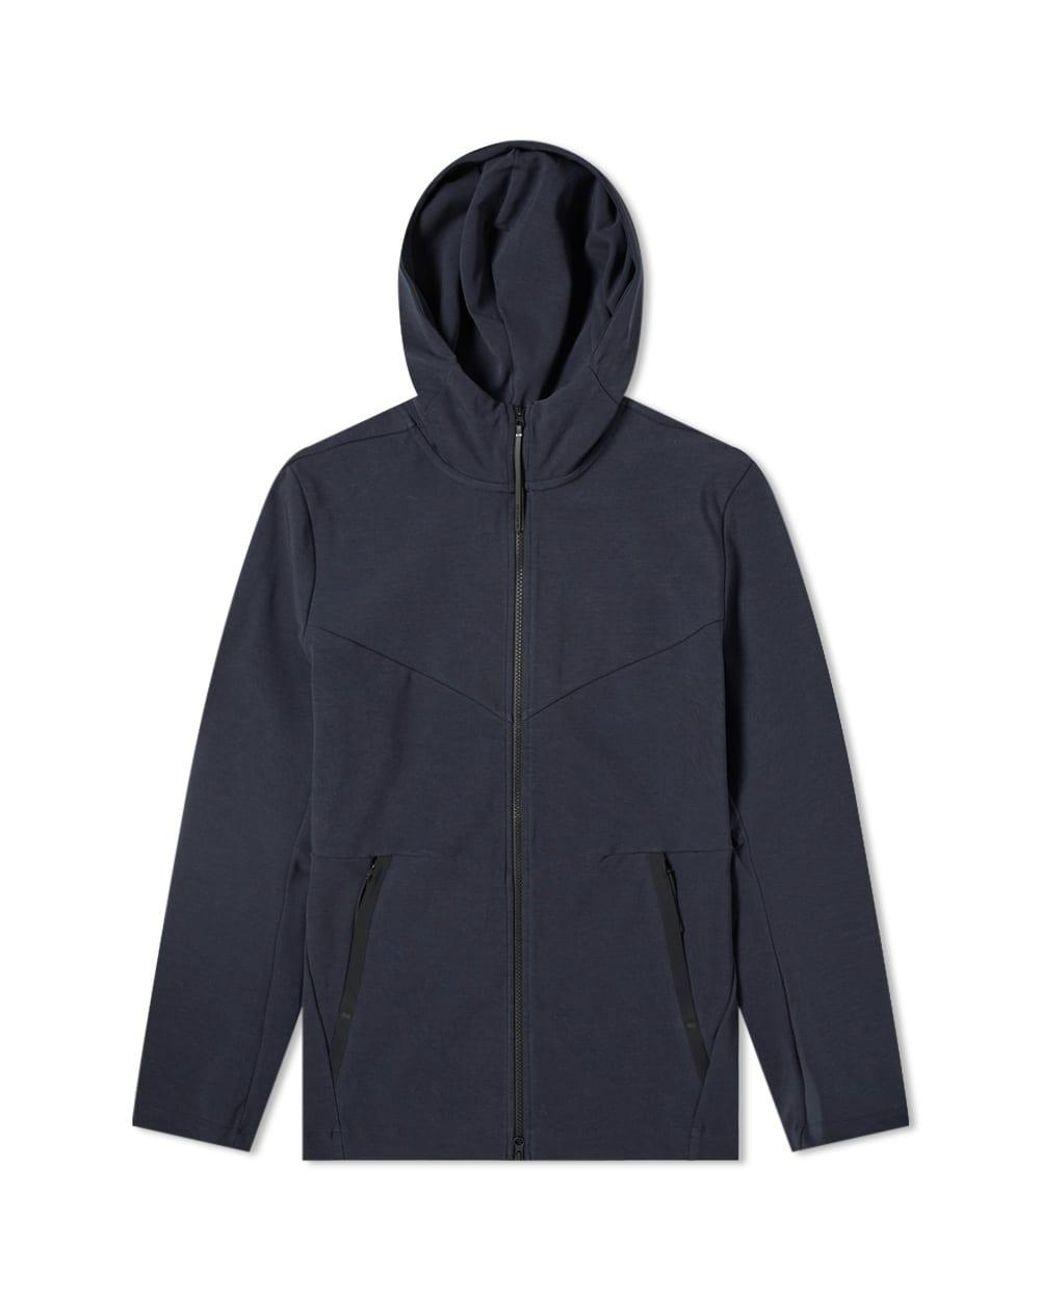 0d84b4957 Nike Tech Pack Full Zip Hoody in Blue for Men - Lyst